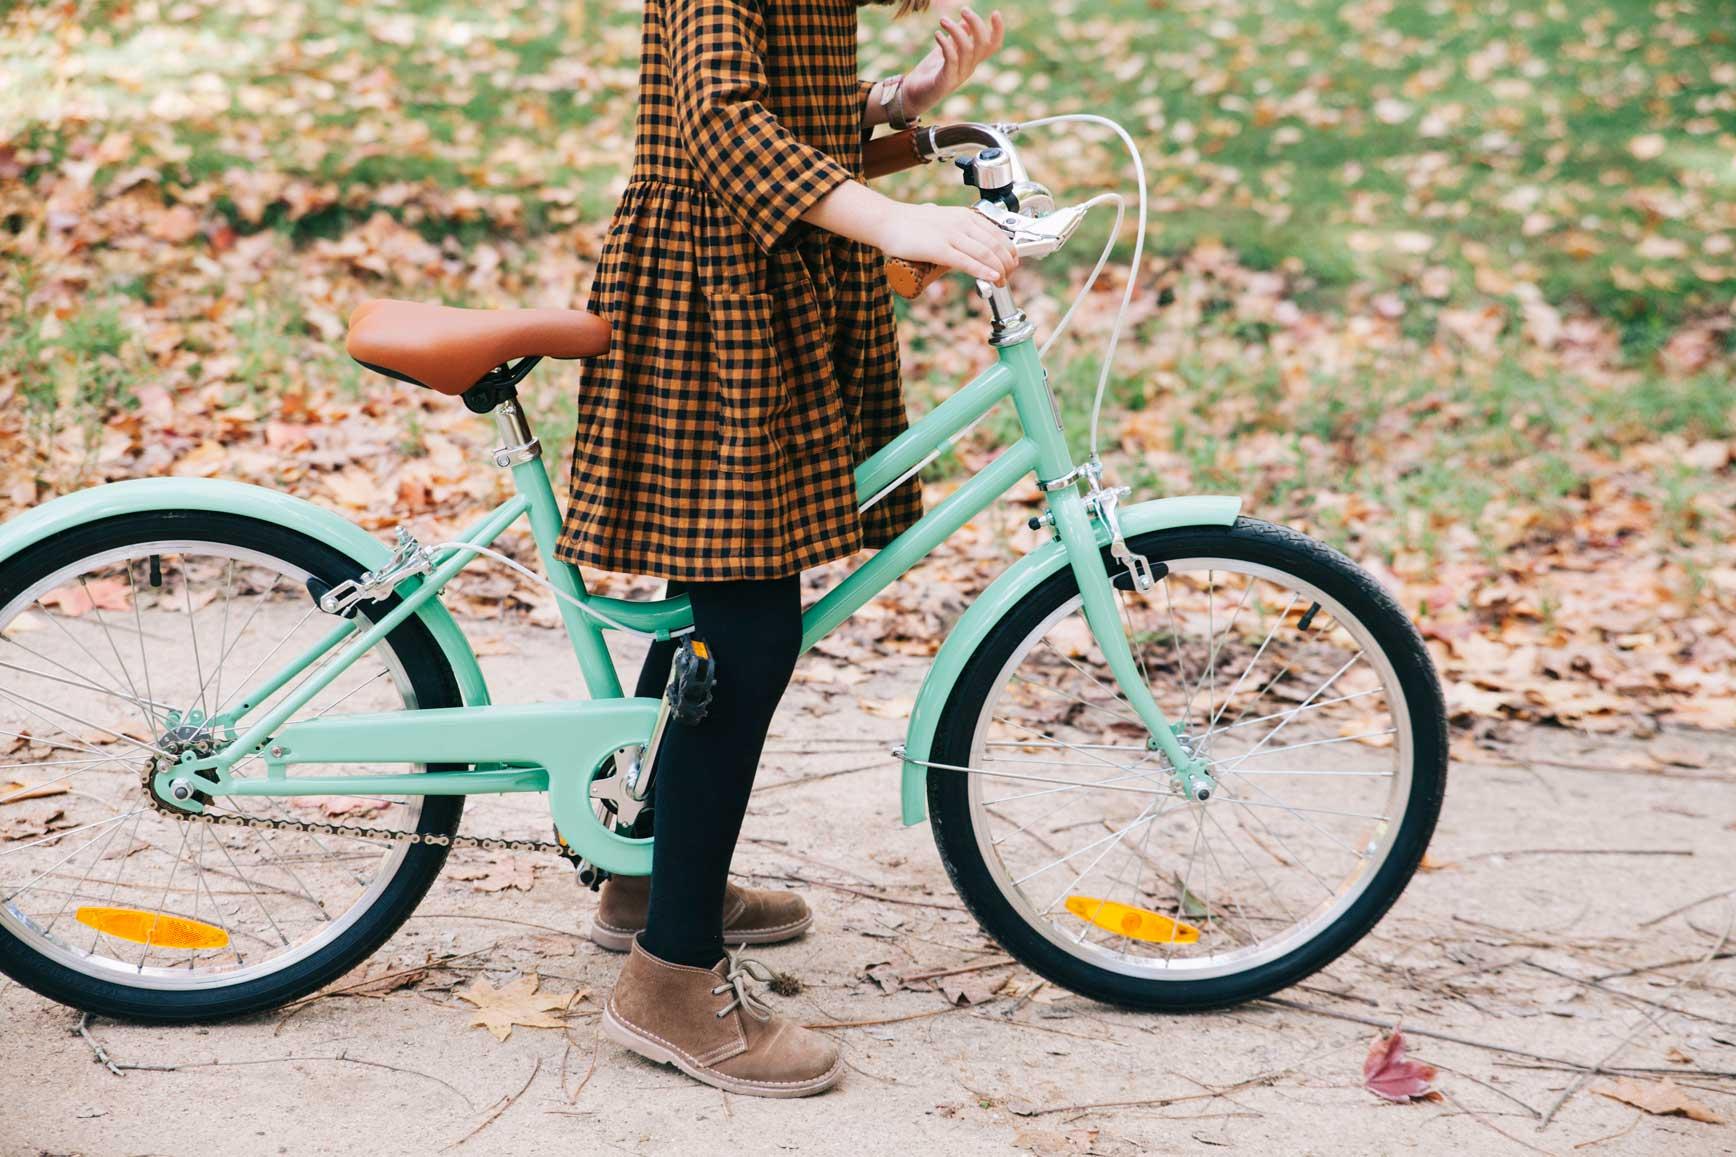 Historias de bicicleta-claraBmartin-19